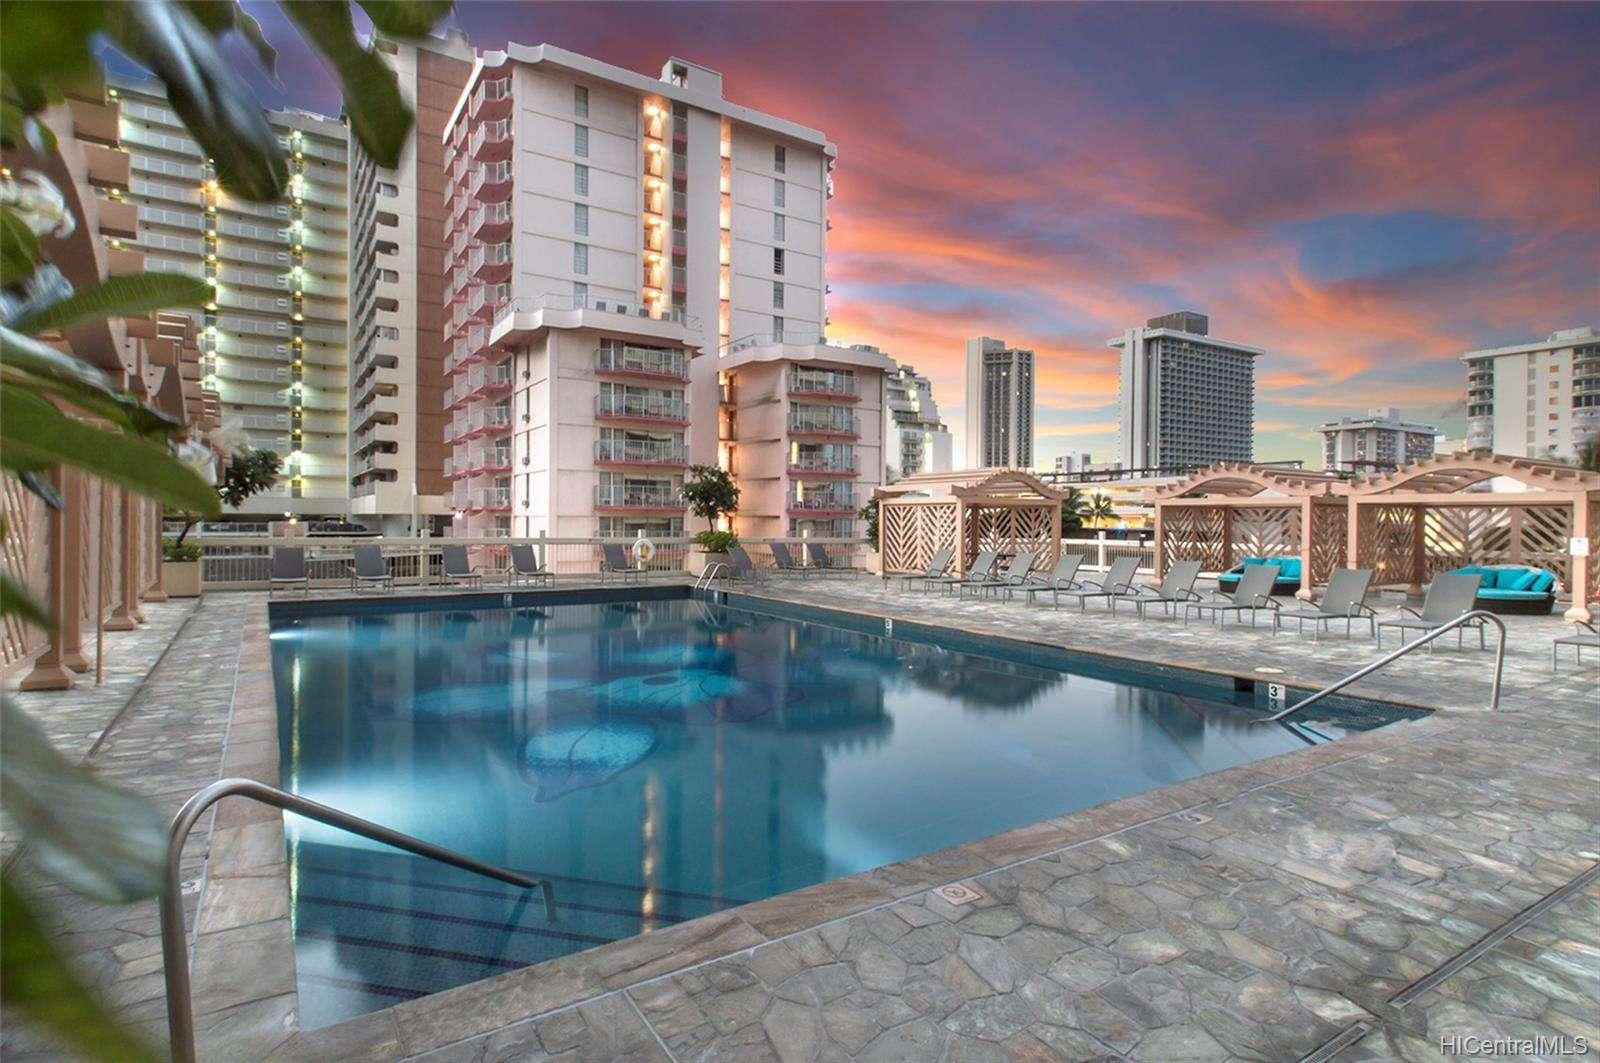 Pool - 6th Floor Sundeck